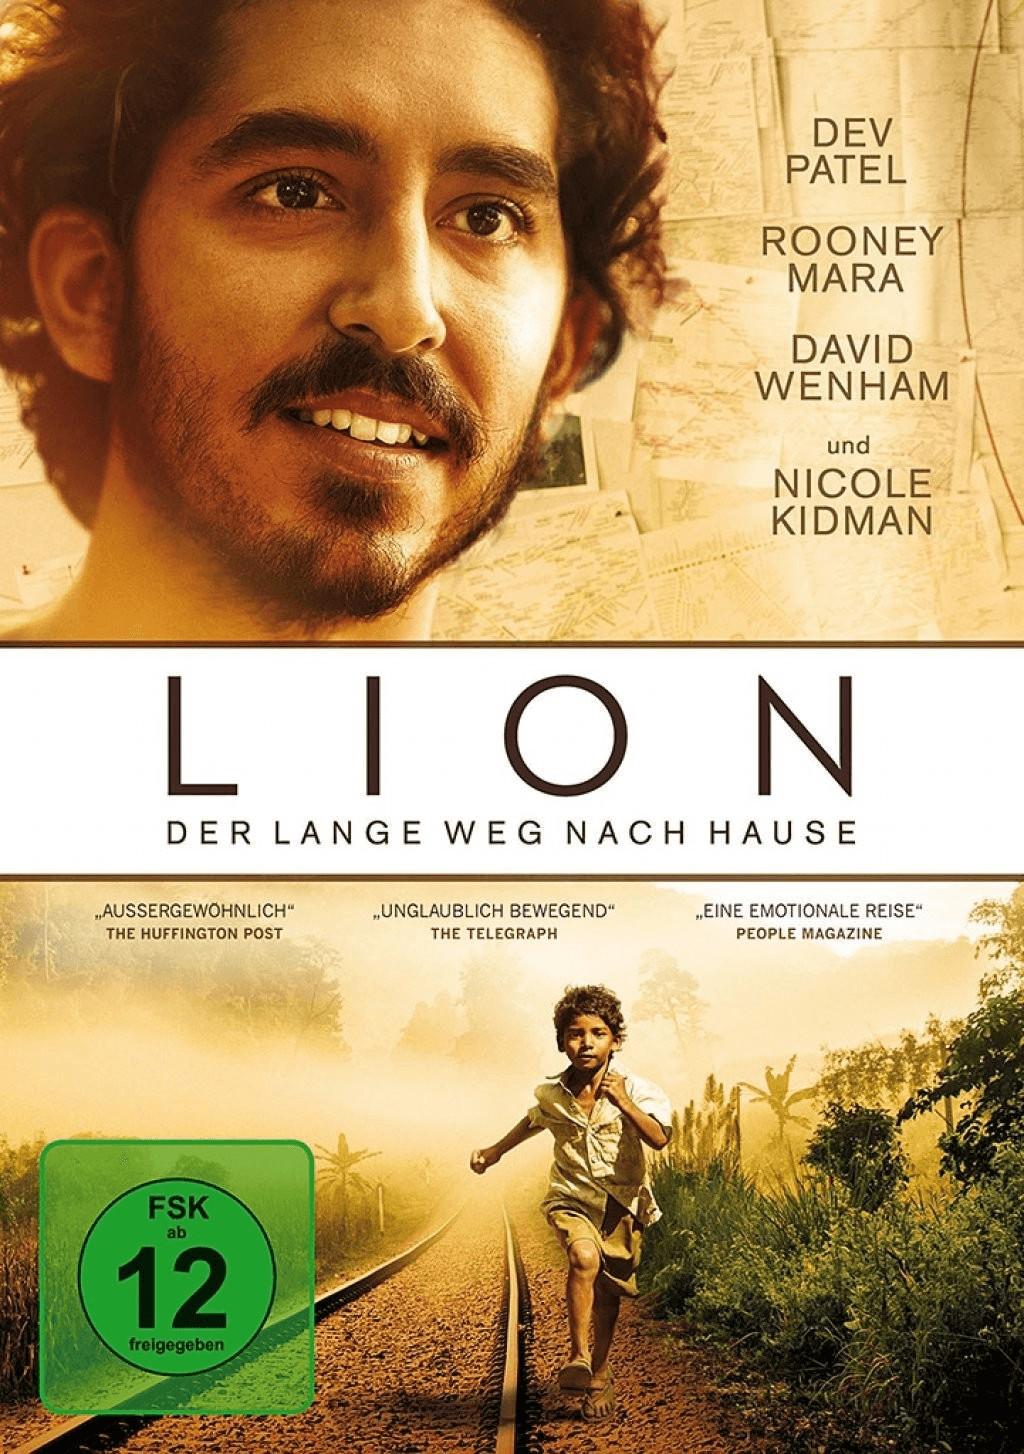 Lion - Der lange Weg nach Hause [DVD]